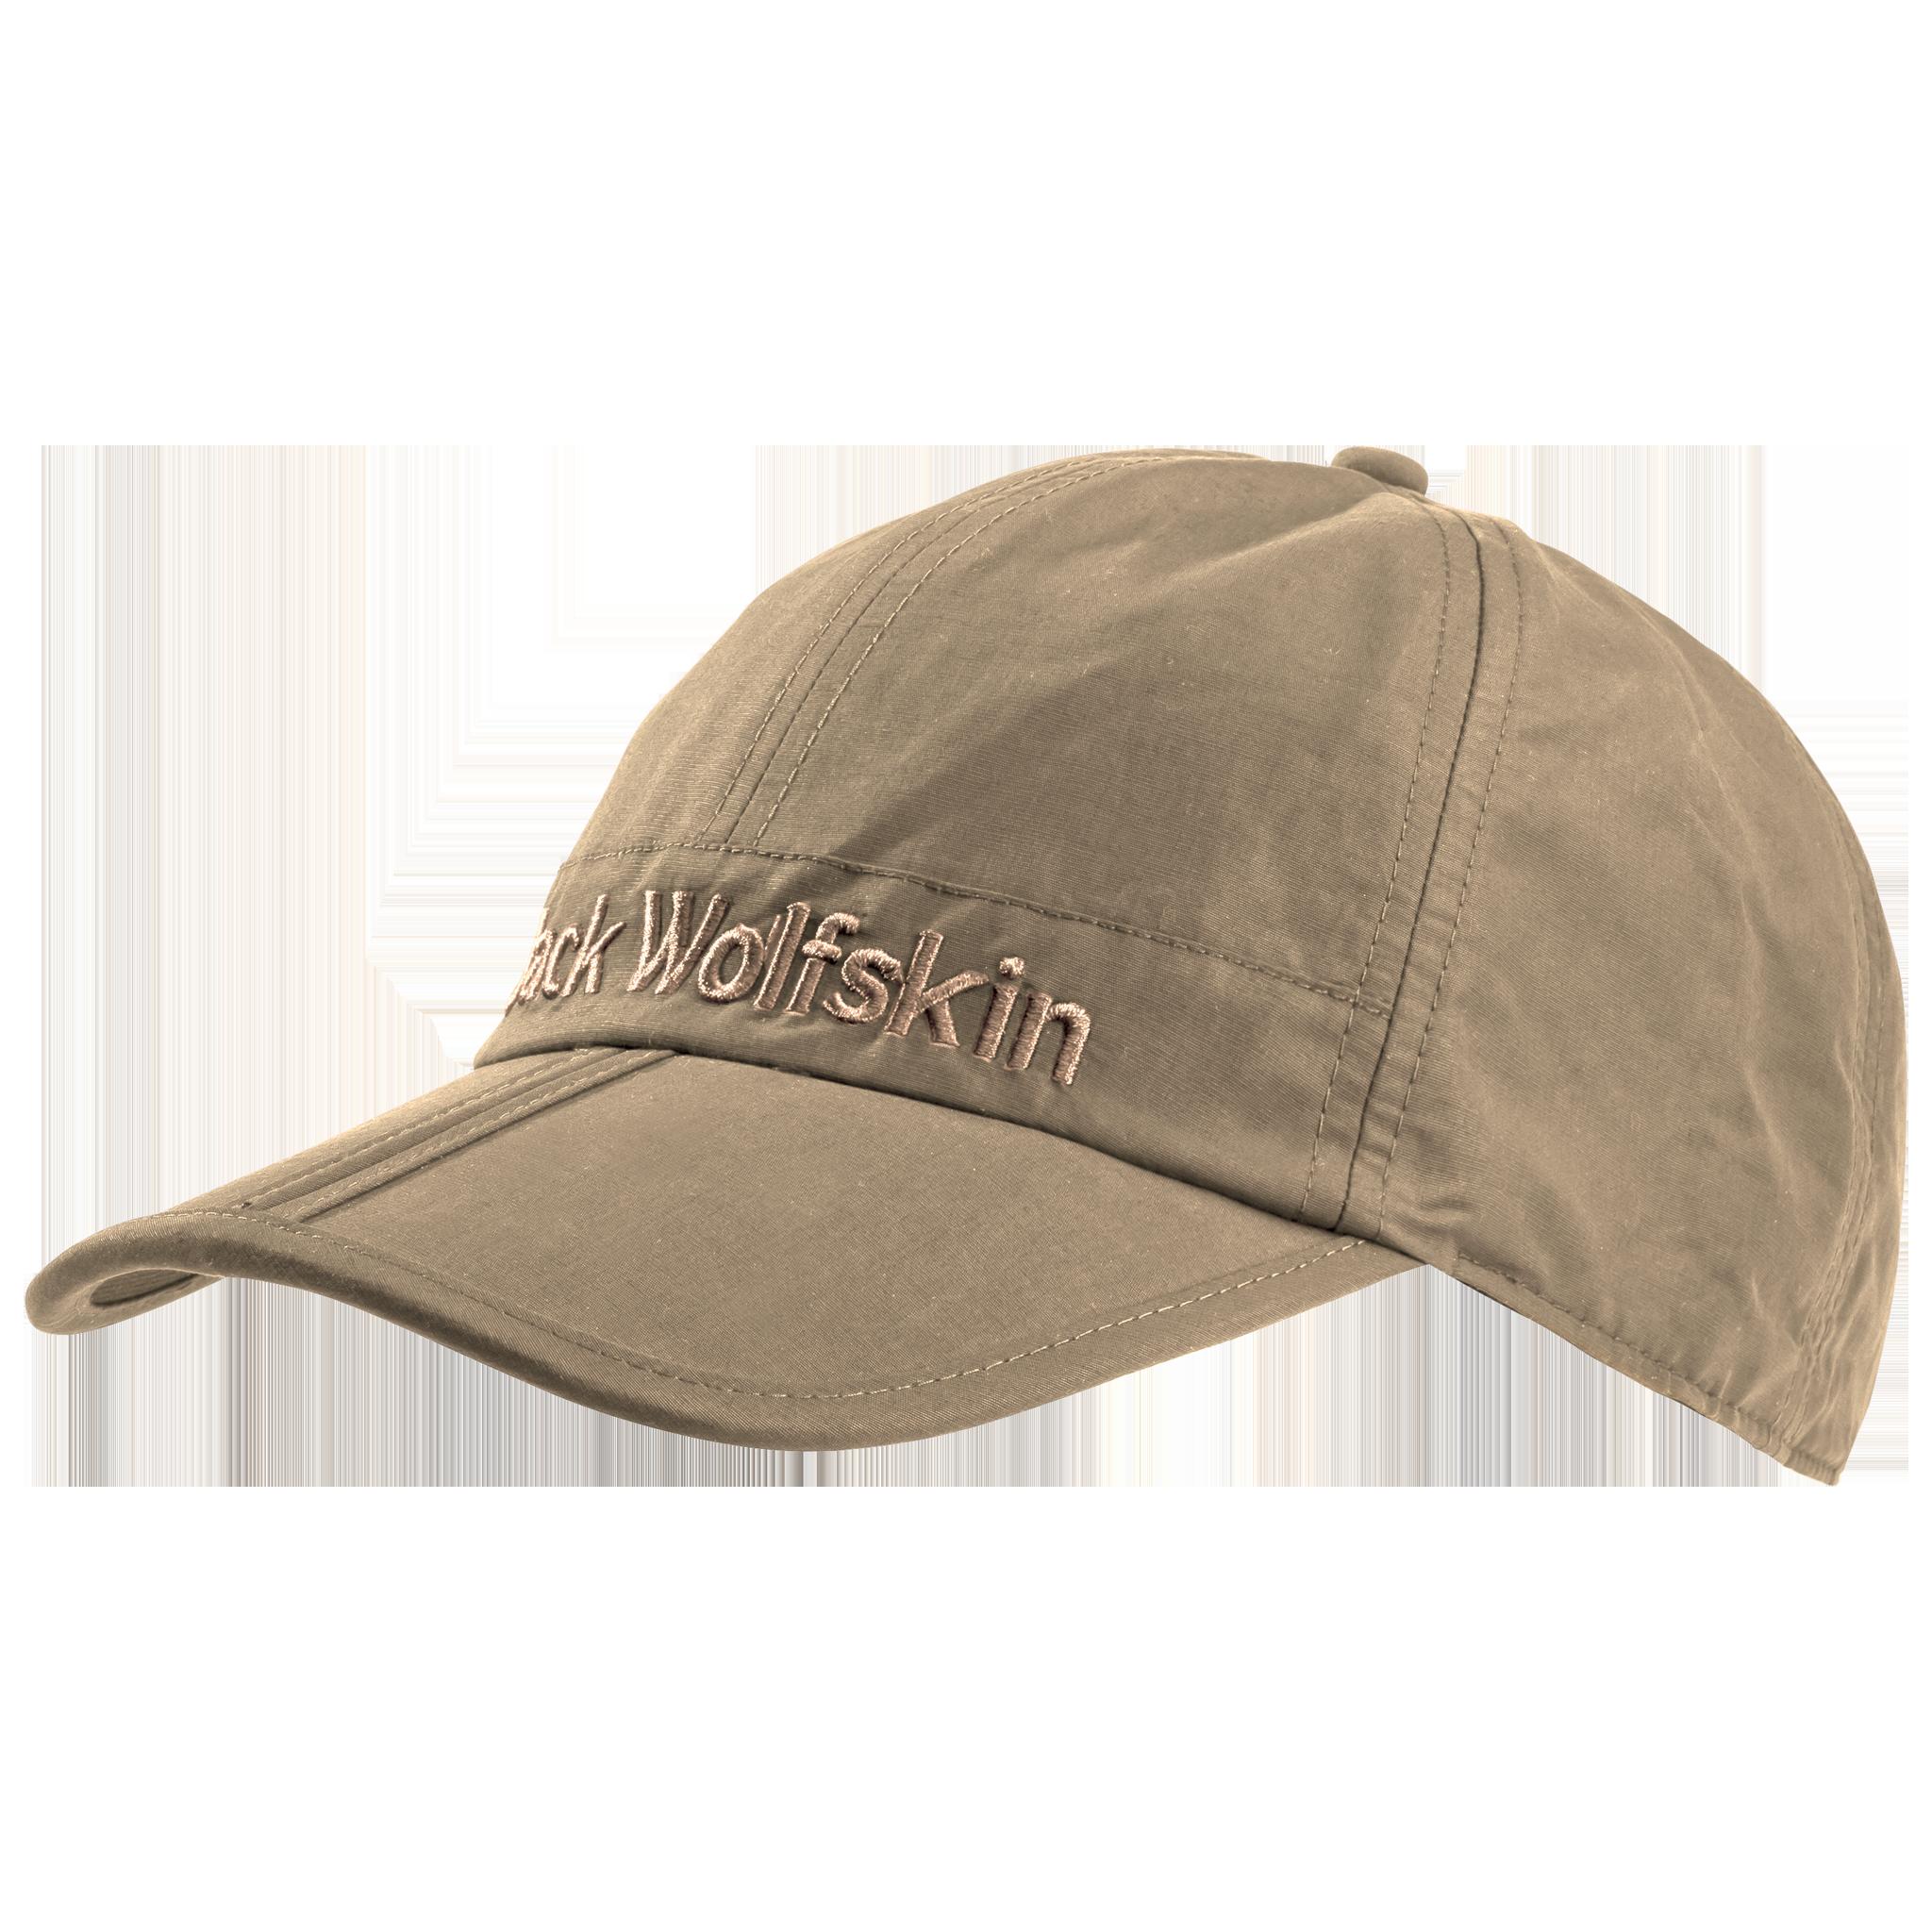 c29748970fe6f0 Czapka HUNTINGTON CAP sand dune | odzież \ męska \ czapki \ letnie ...